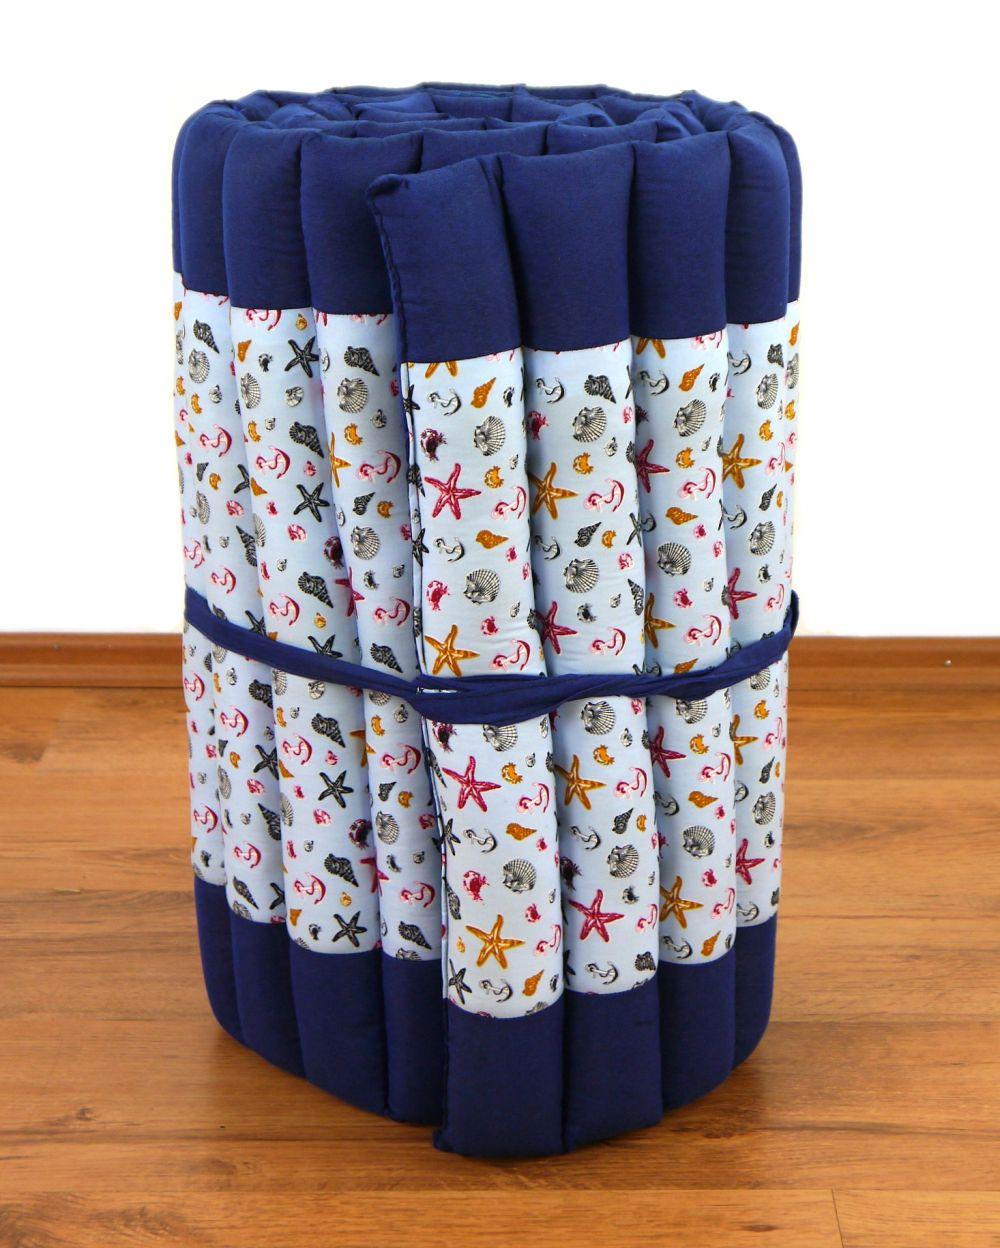 Rollmatten Größe S, Thaimatte, Thaimatte, S, Yogamatte, Turn-Gymnastikmatte,Entspannungsliege d11fde